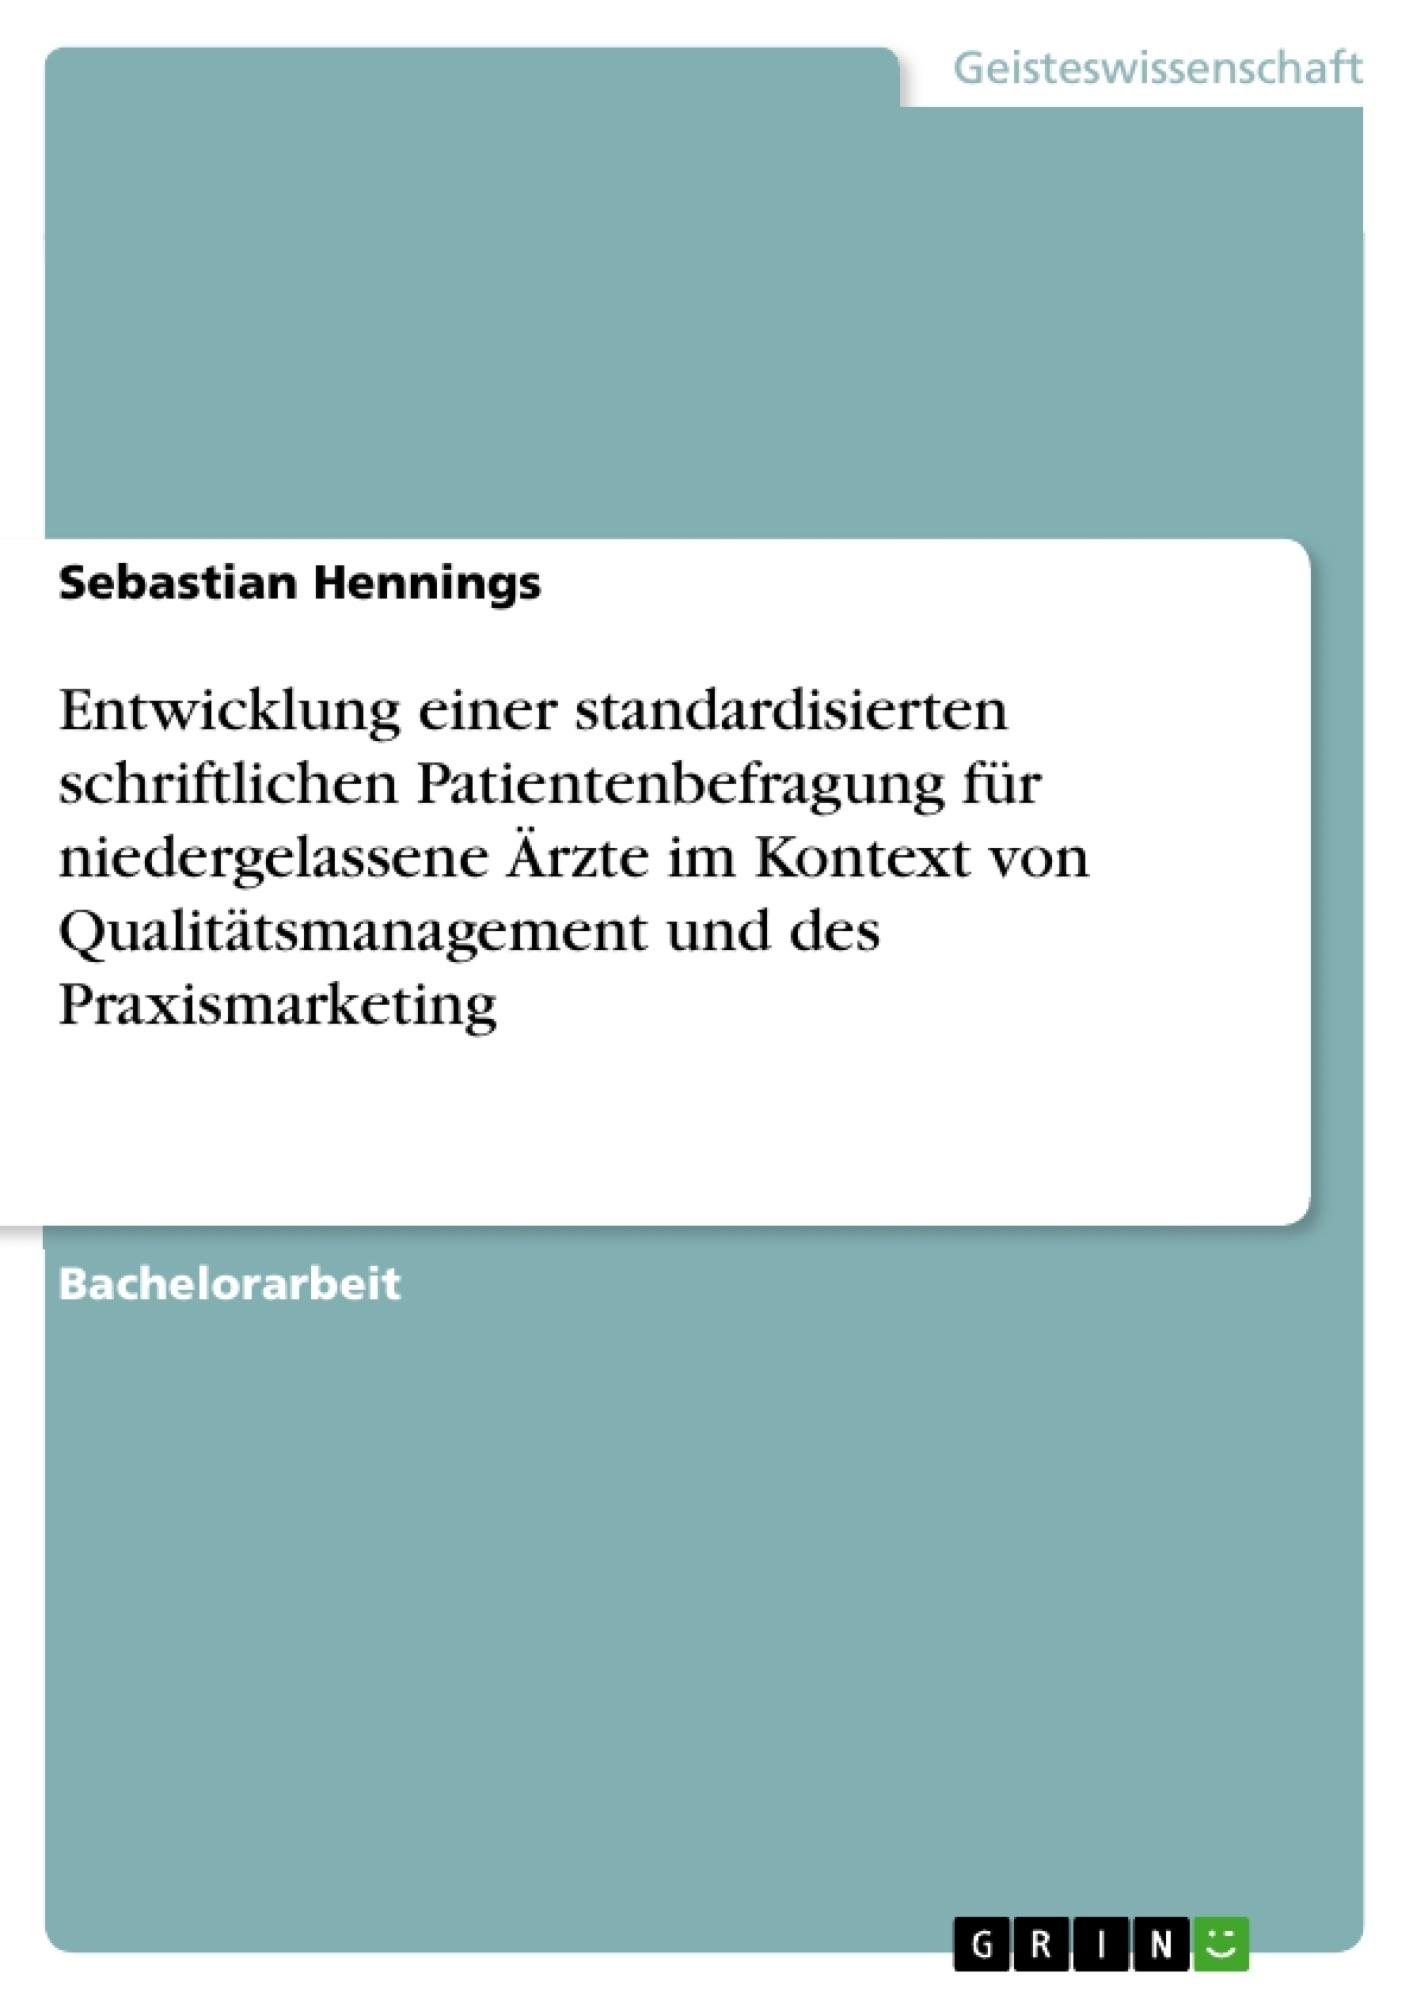 Titel: Entwicklung einer standardisierten schriftlichen Patientenbefragung für niedergelassene Ärzte im Kontext von Qualitätsmanagement und des Praxismarketing